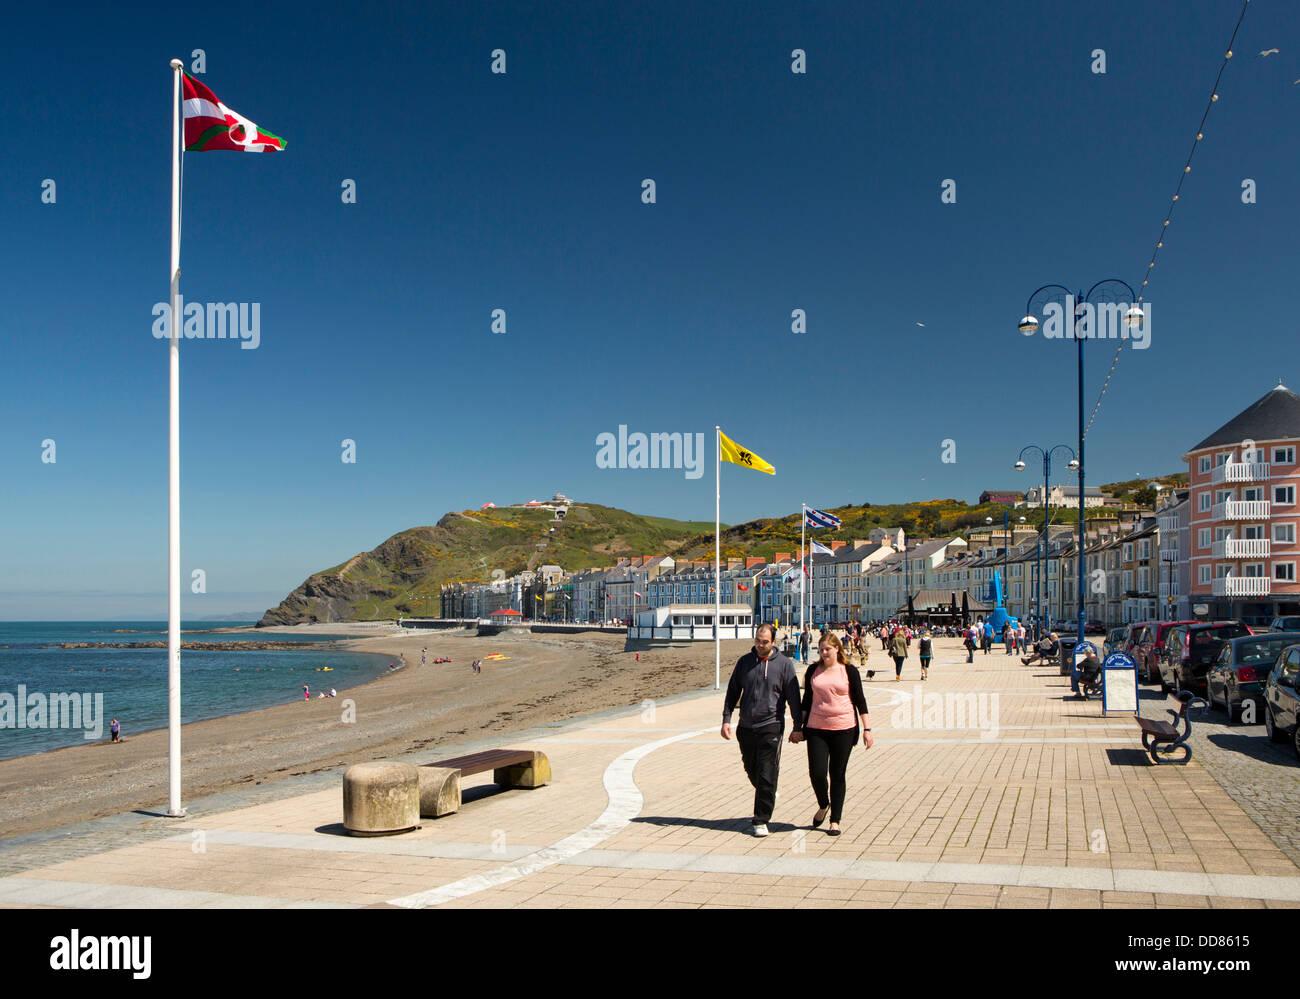 UK, Wales, Ceredigion, Aberystwyth, visitors walking on sunny promenade - Stock Image